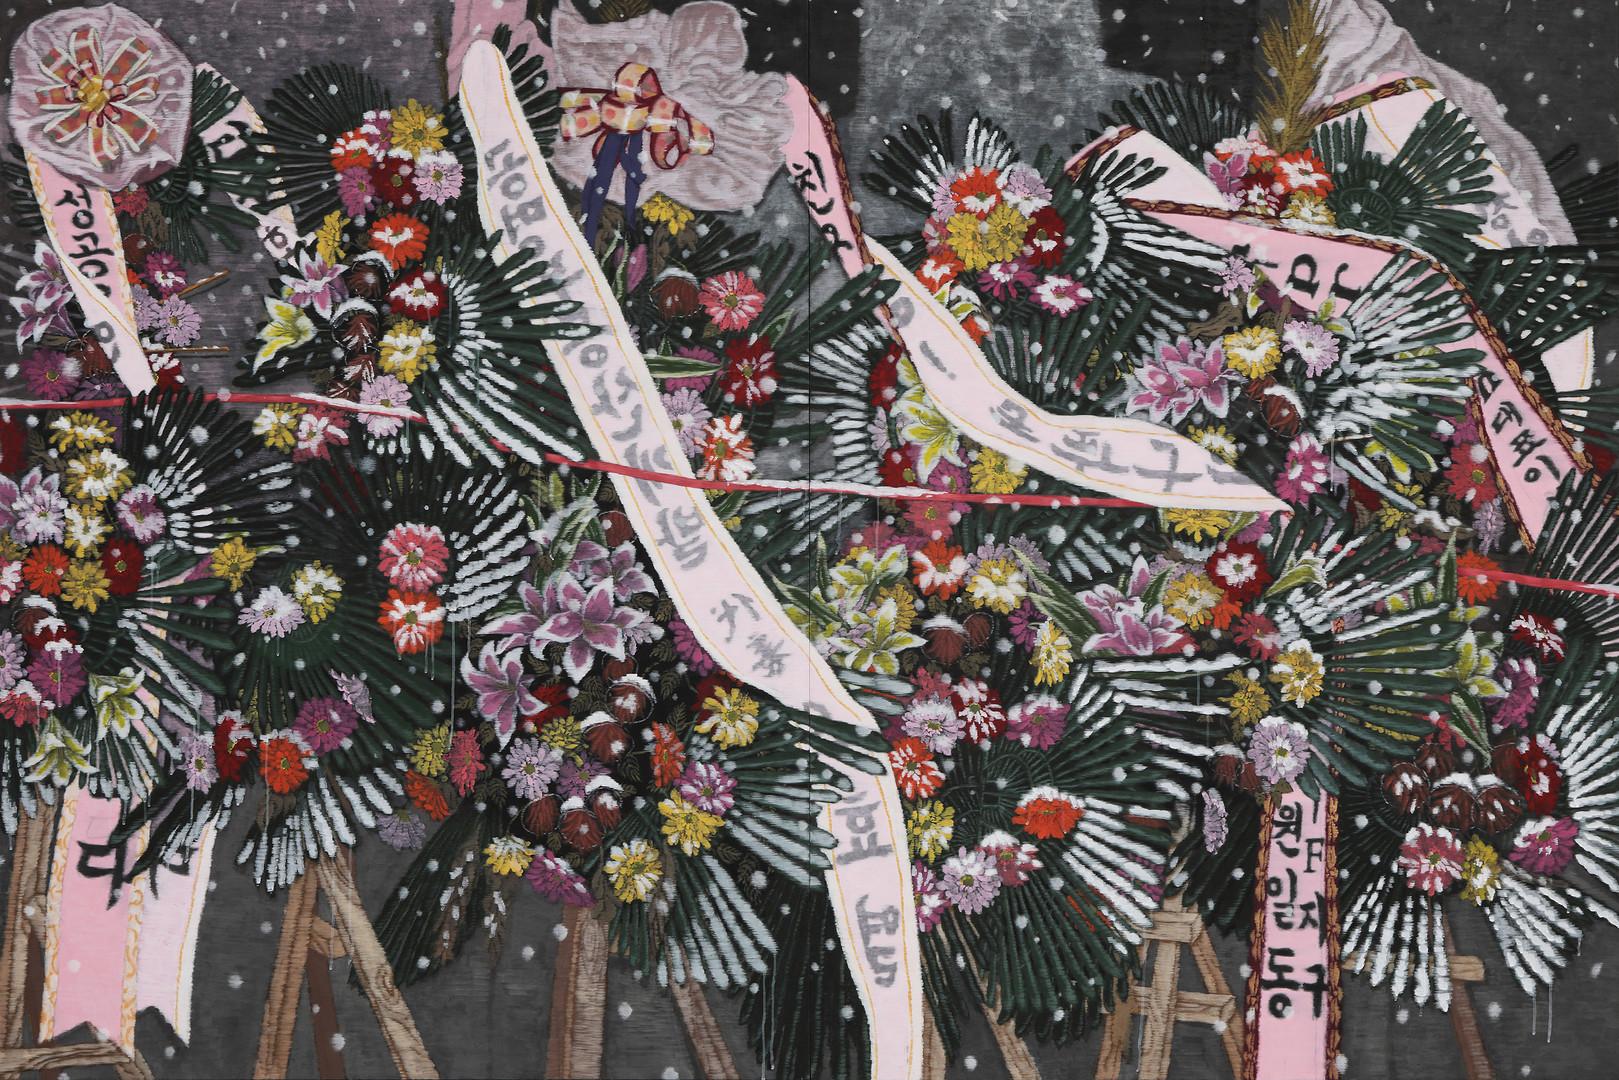 재생되는 꽃 (Reclaimed Flower), 200x300cm, 장지에 채색, 2017